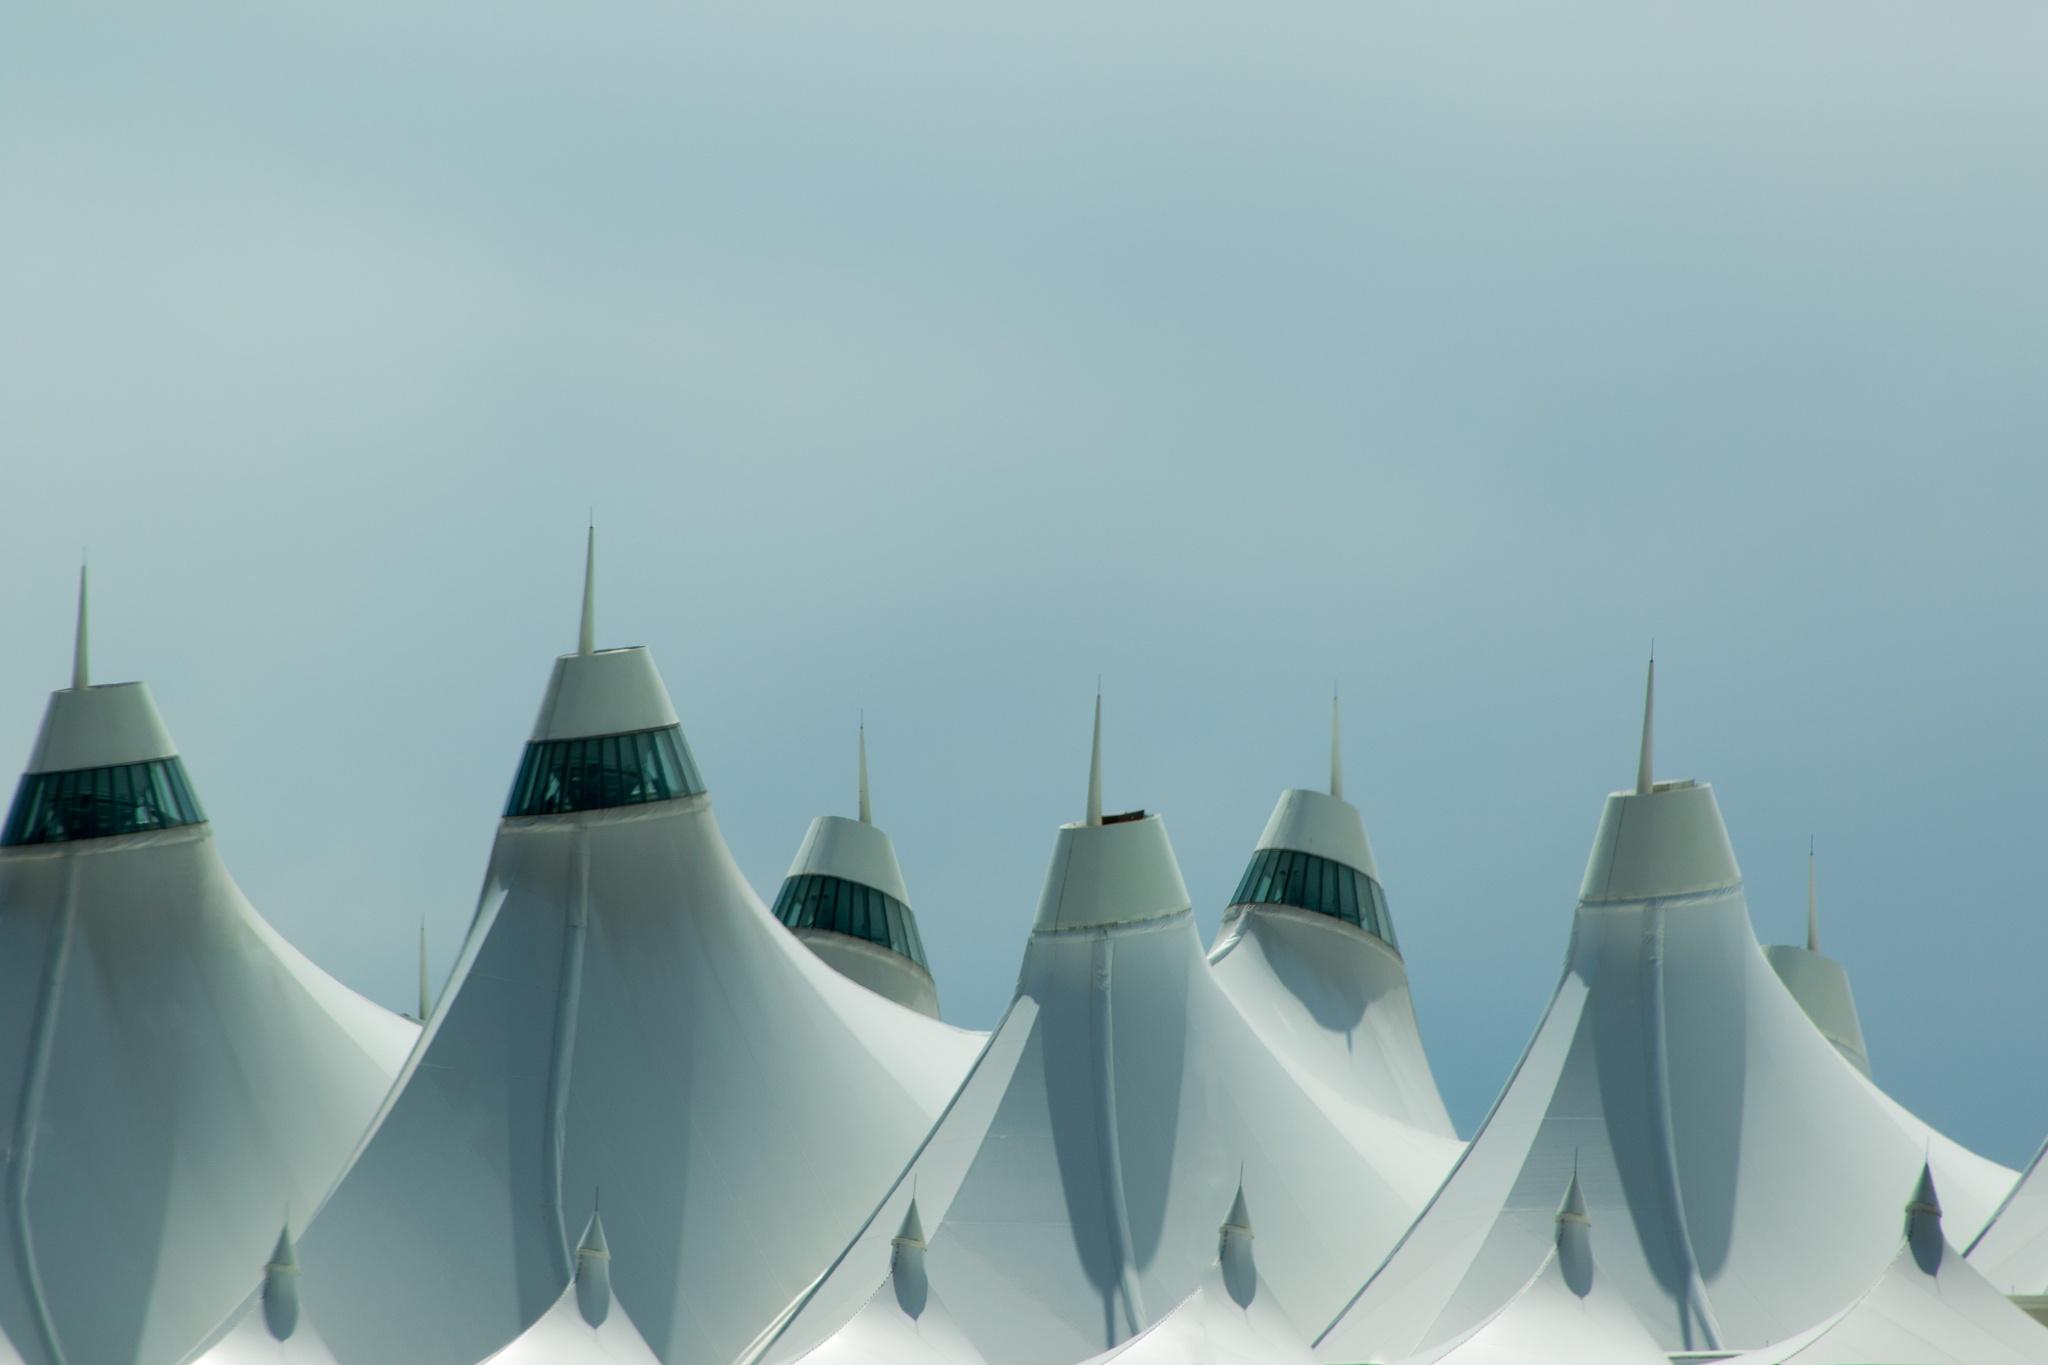 Denver International Airport - DIA by ejk41